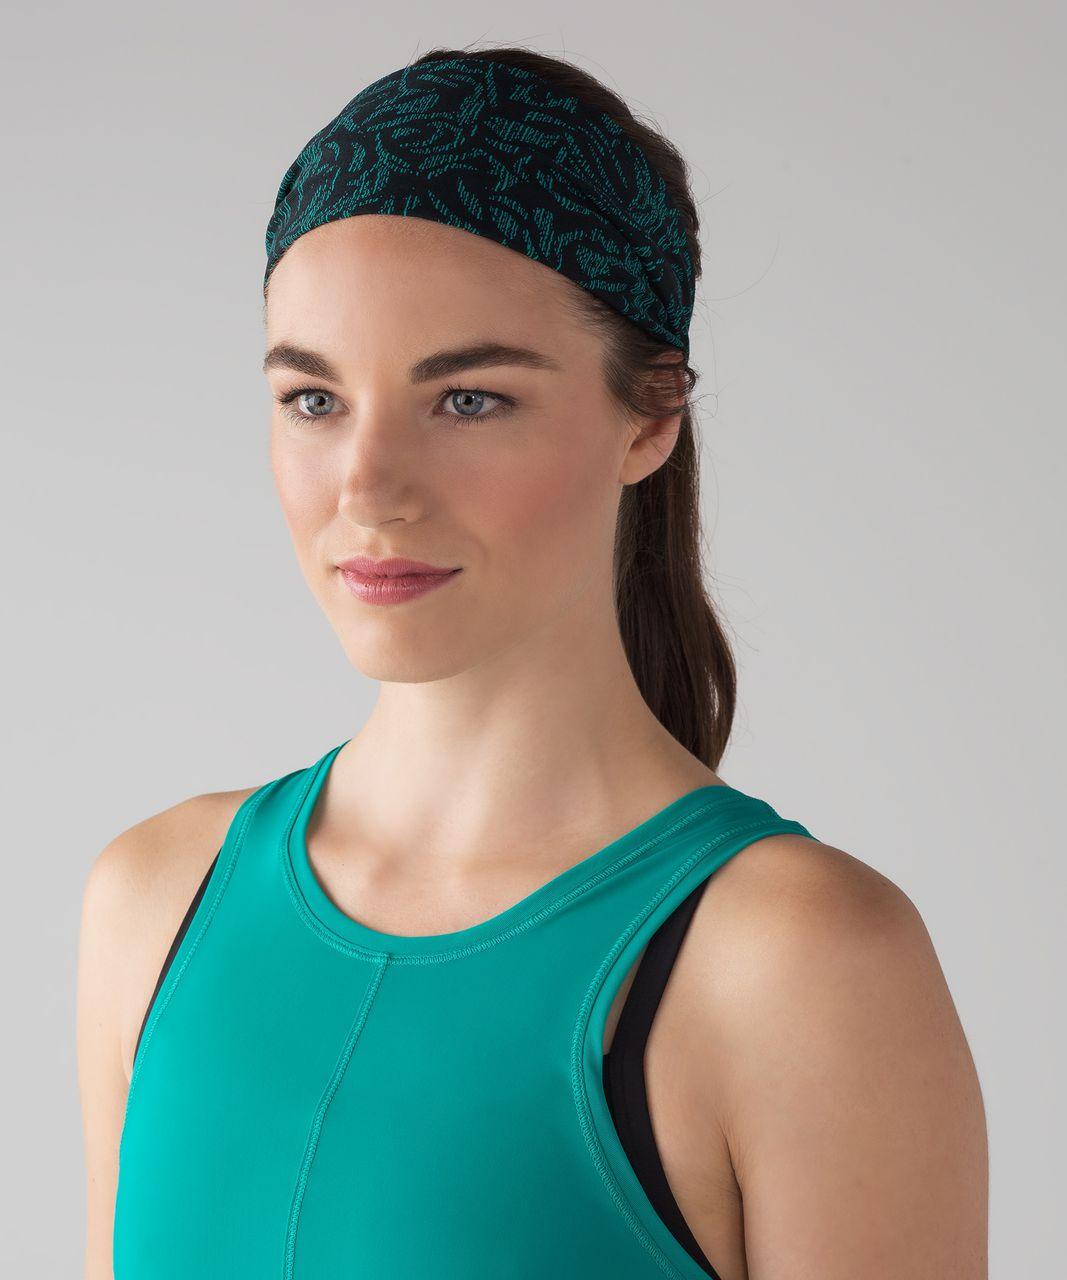 Lululemon Fringe Fighter Headband - Thrive Viridian Green Black / Heathered Black